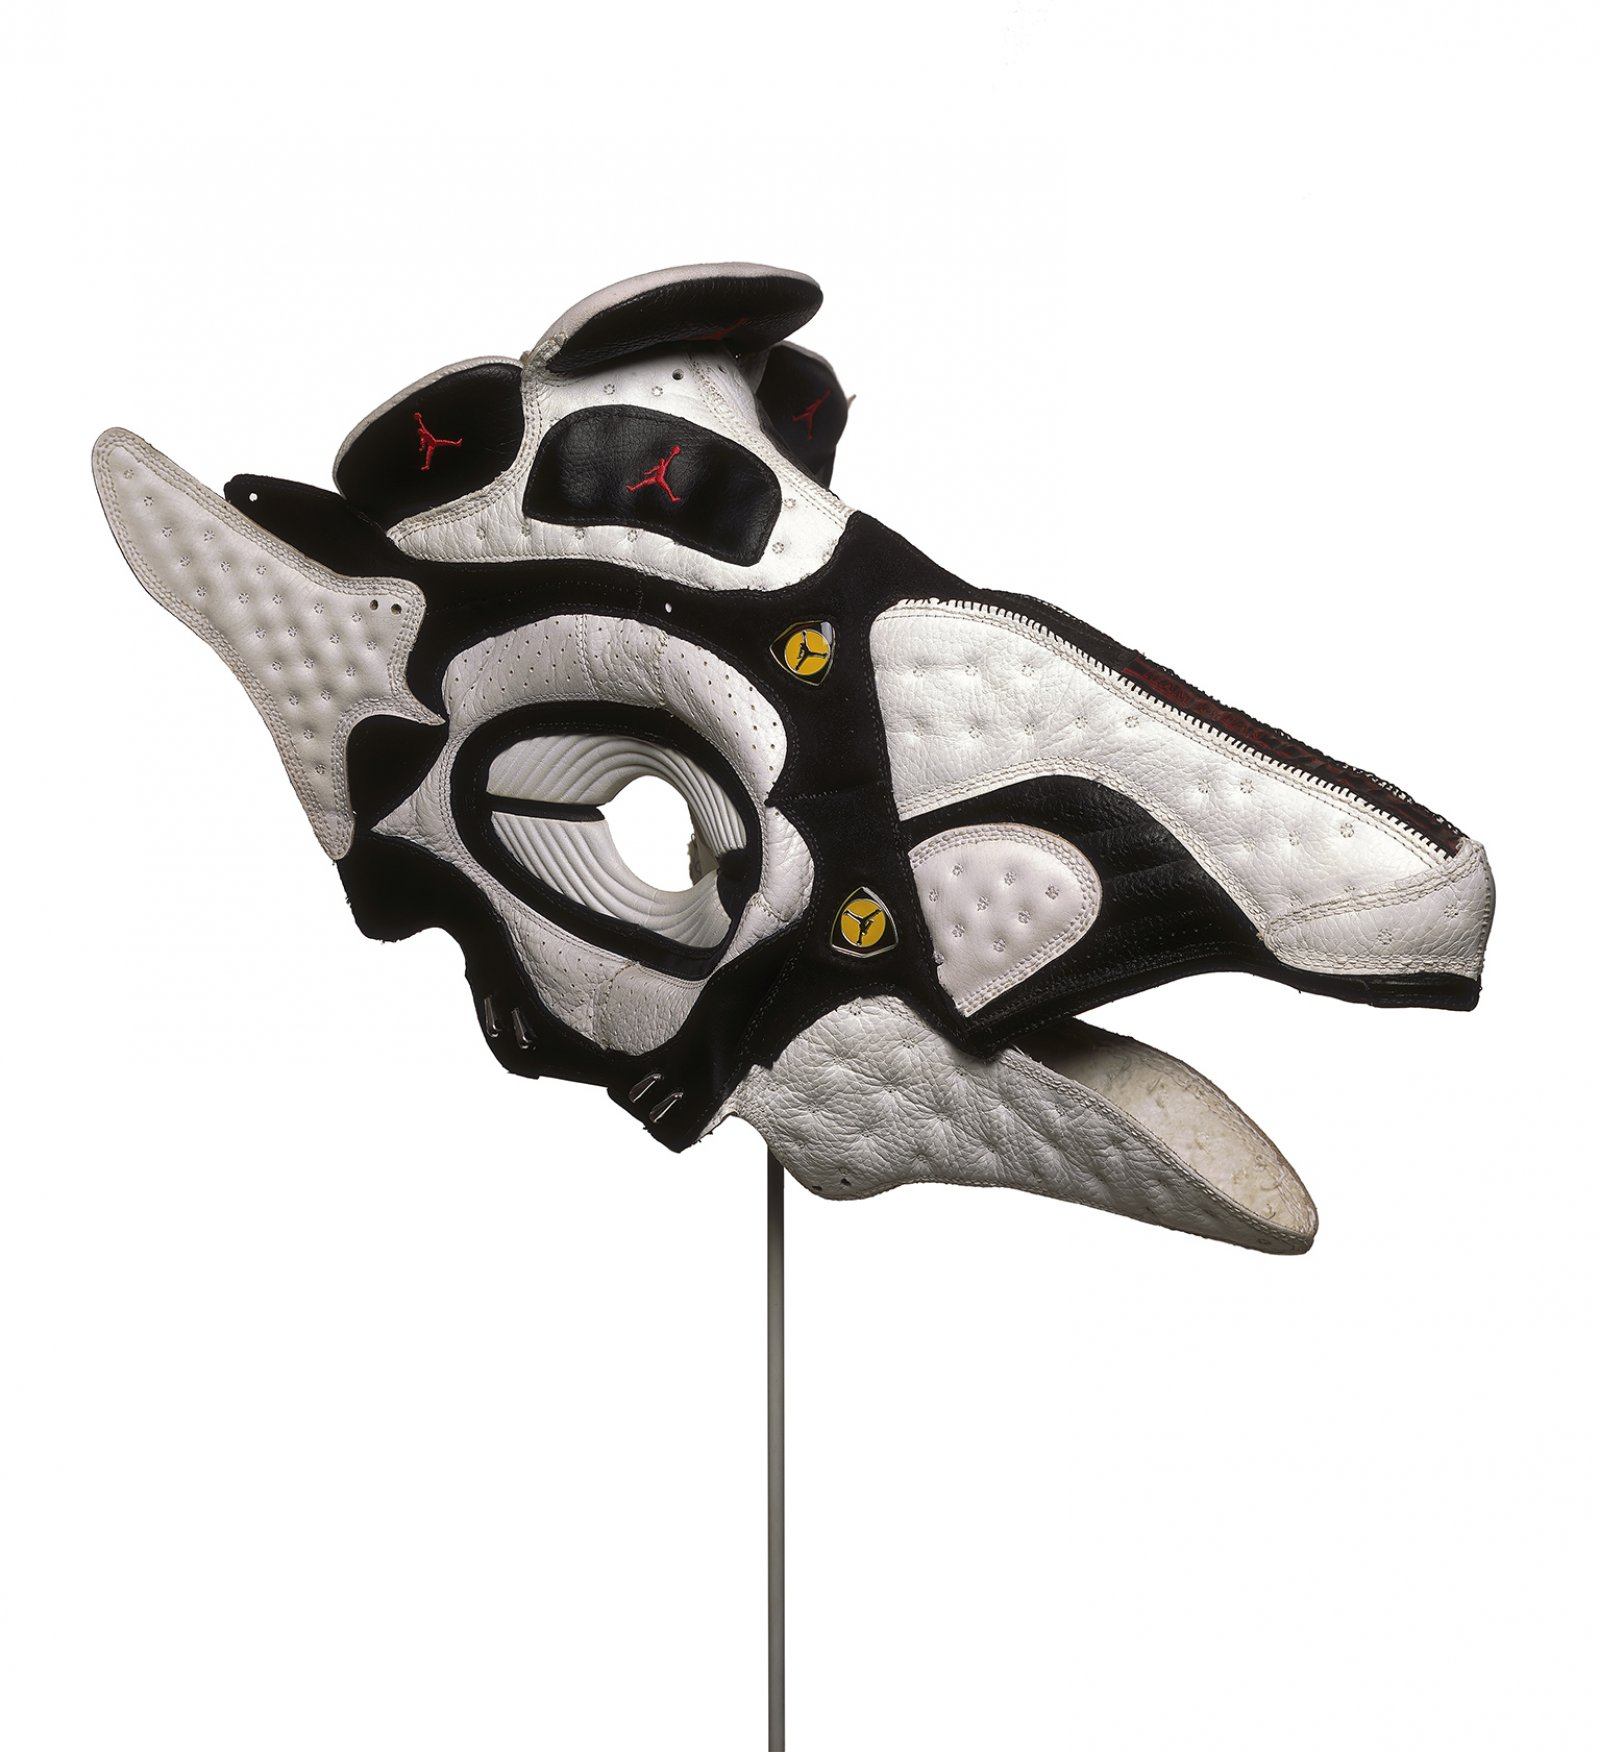 BrianJungen,Prototype for New Understanding #7, 1999, nike air jordans, 11 x 14 x 22in. (28 x 36 x 56cm)